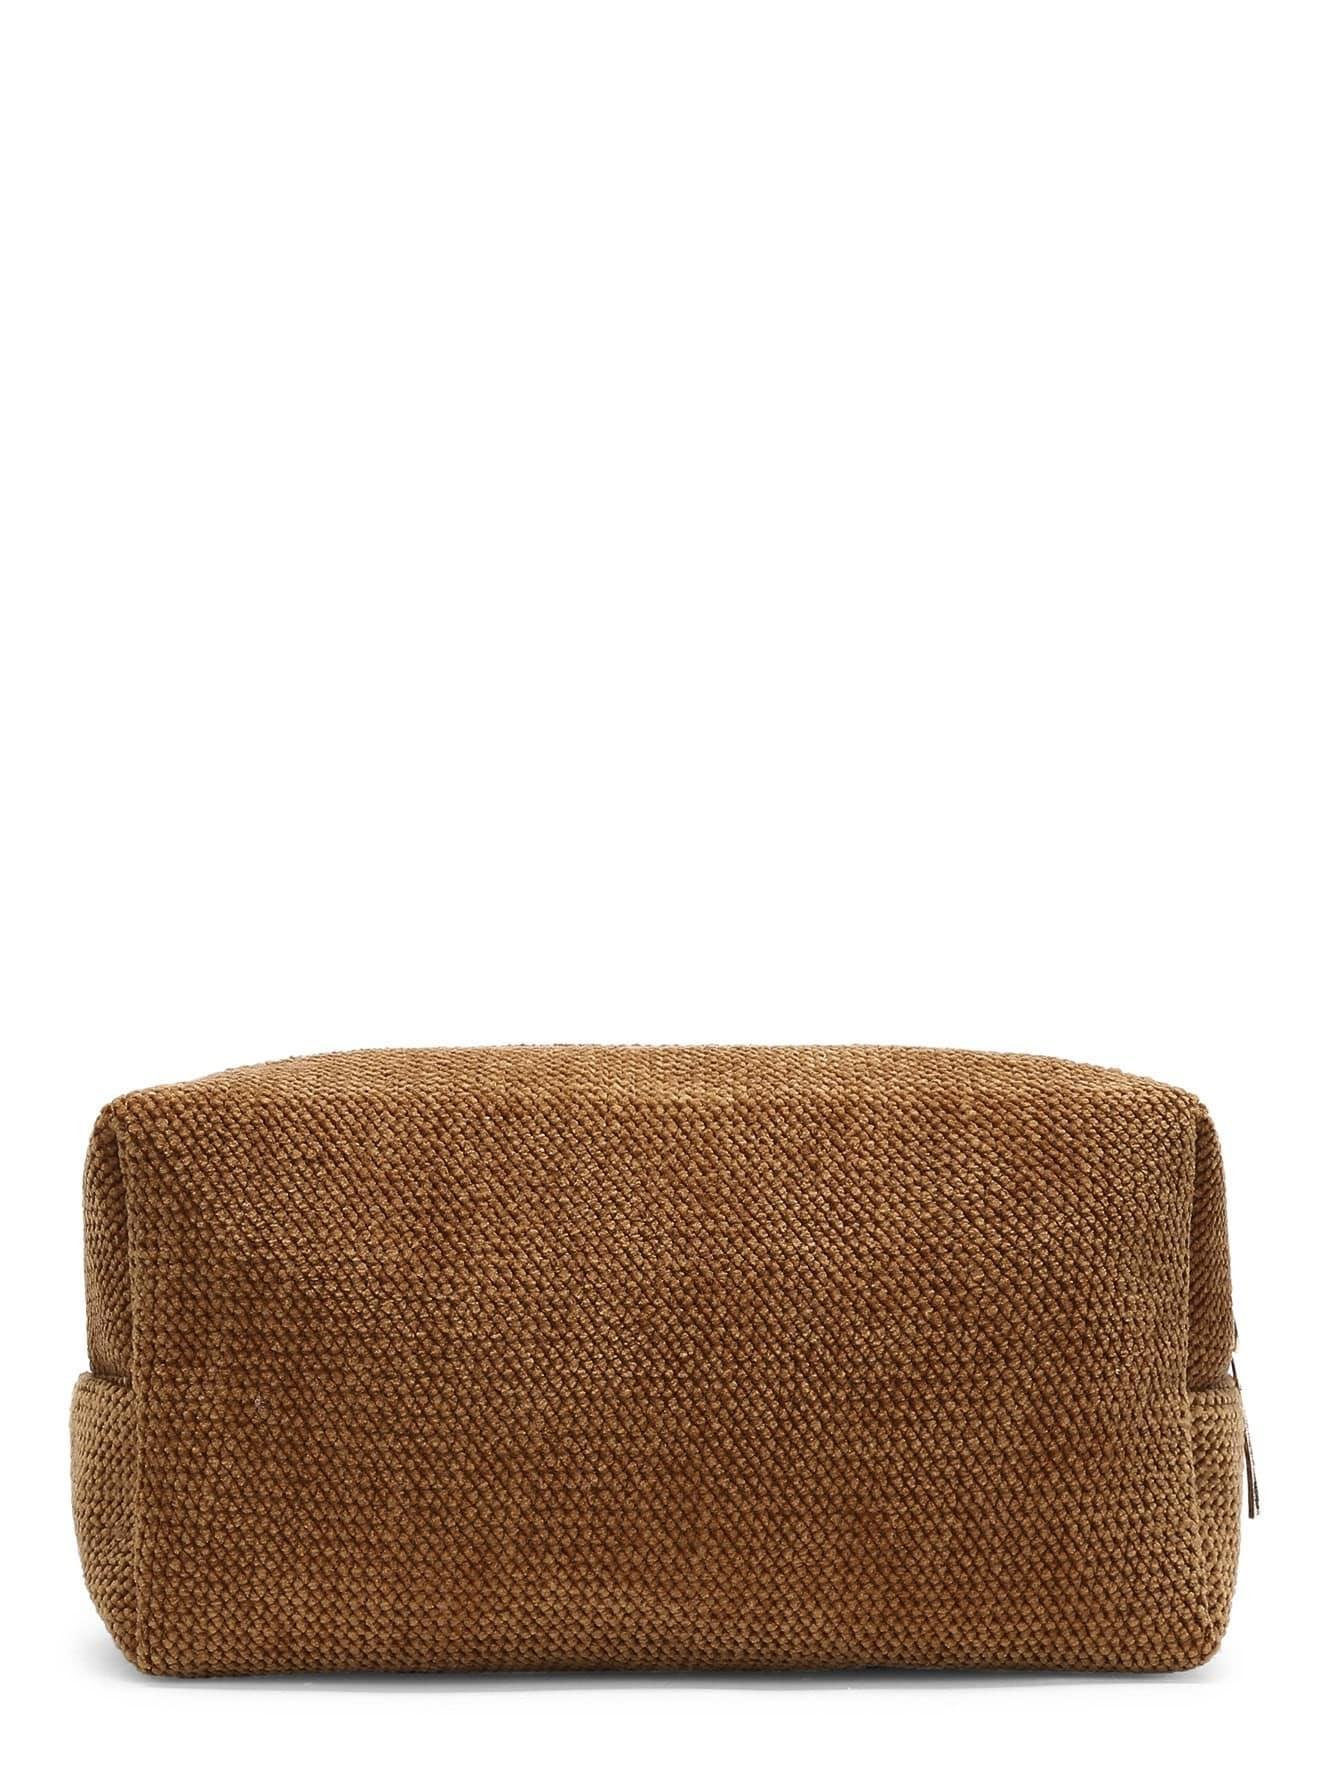 Chenille Zipper Makeup Bag